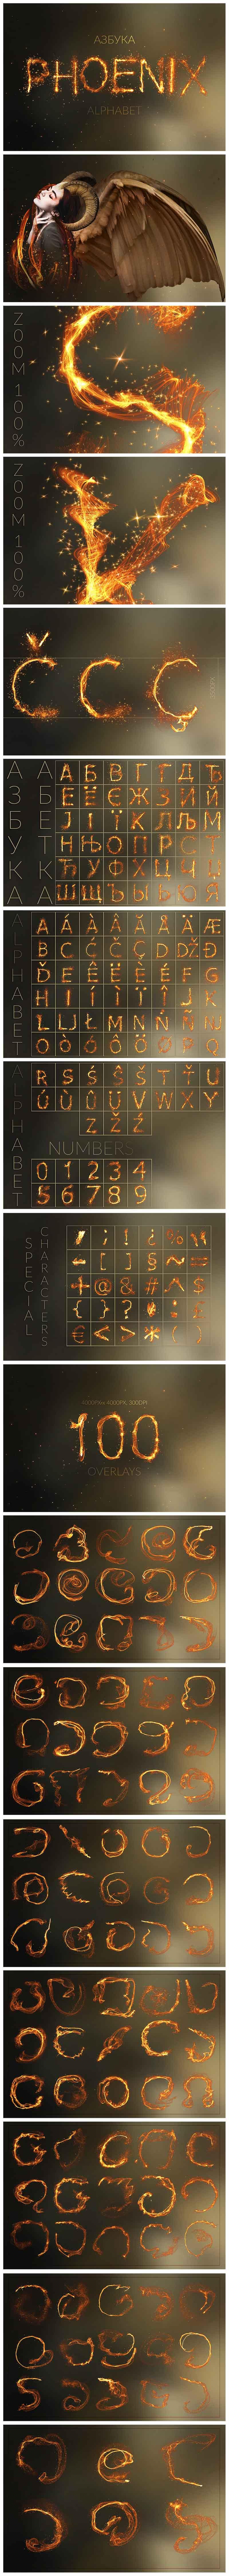 Huge Graphic Bundle Alphabet with 1000+ elements - $25 - Phoenix min